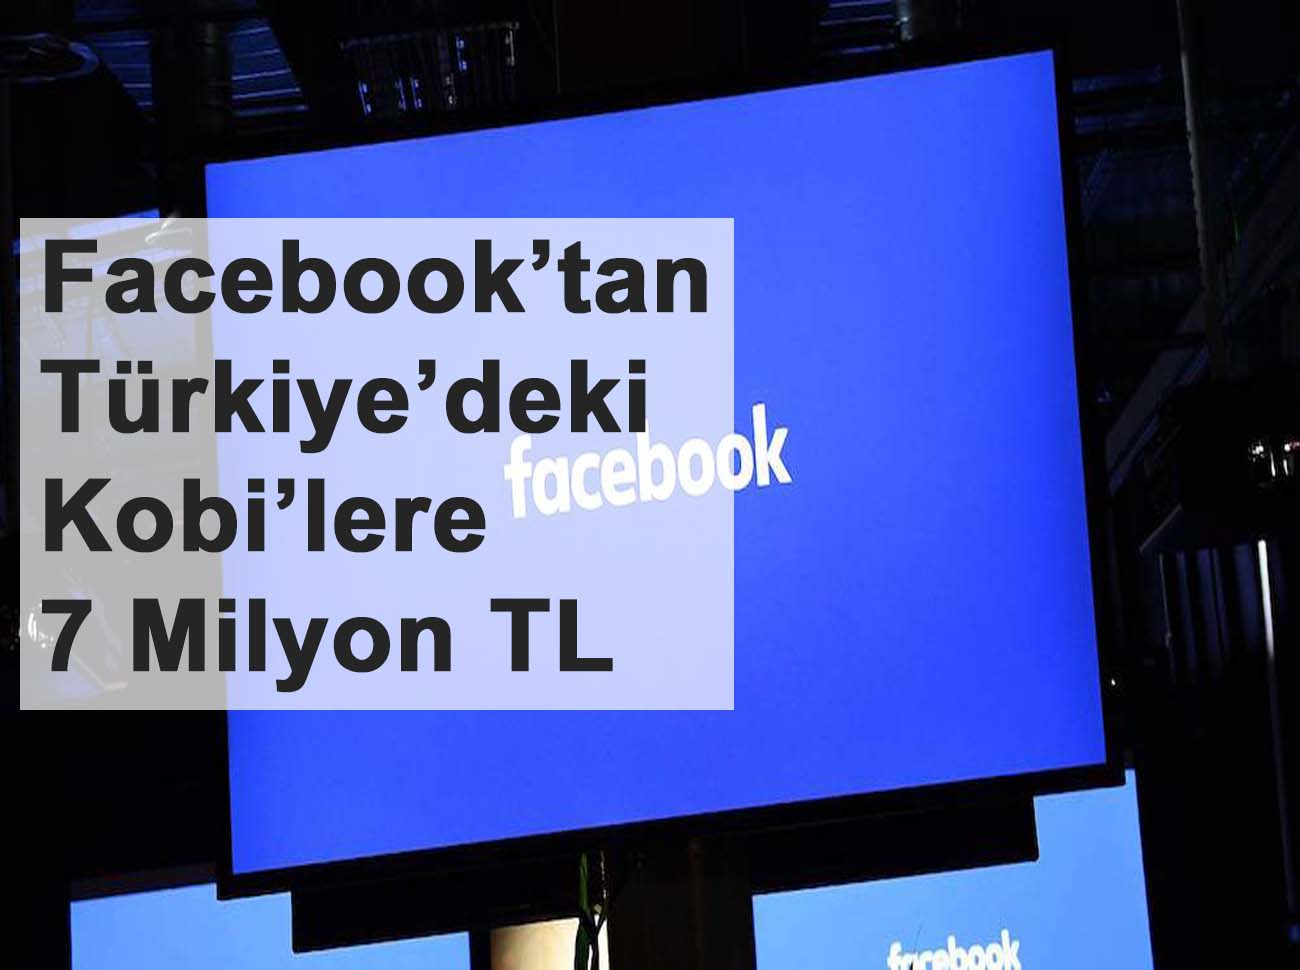 Facebook'tan Türkiye'deki Kobi'lere Destek